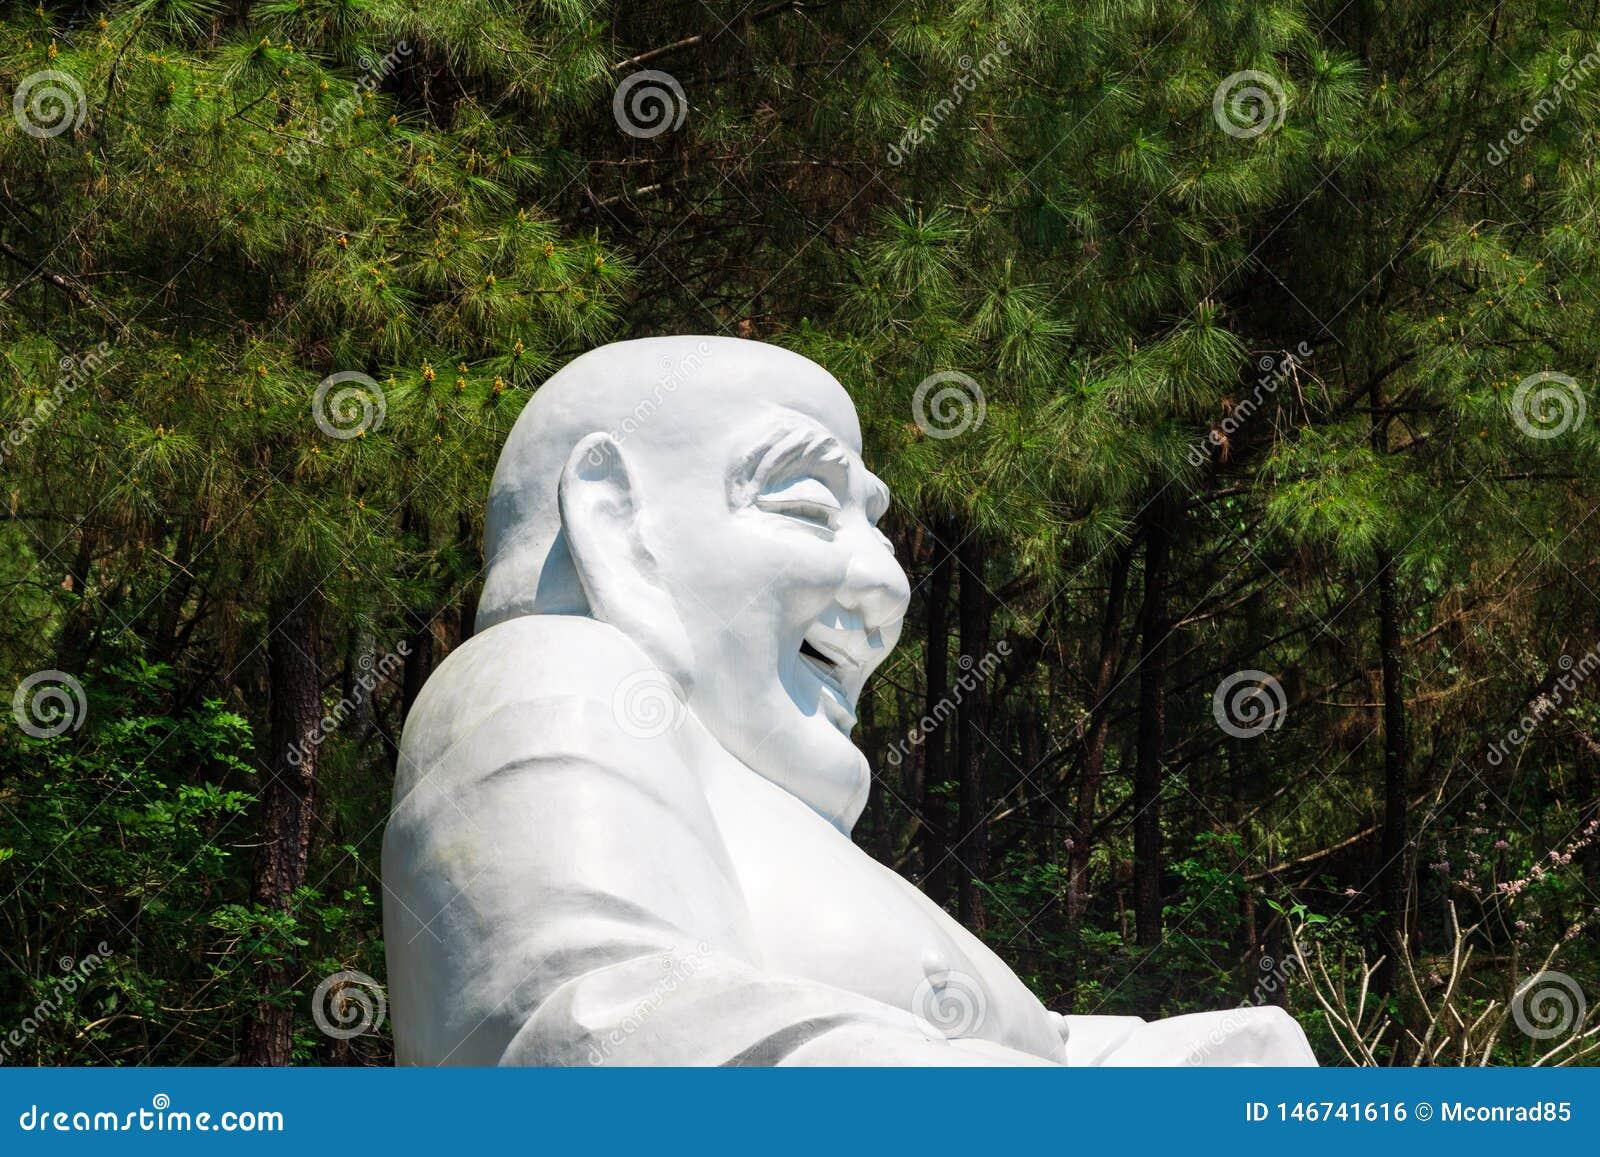 Statue des Lachens von Buddha